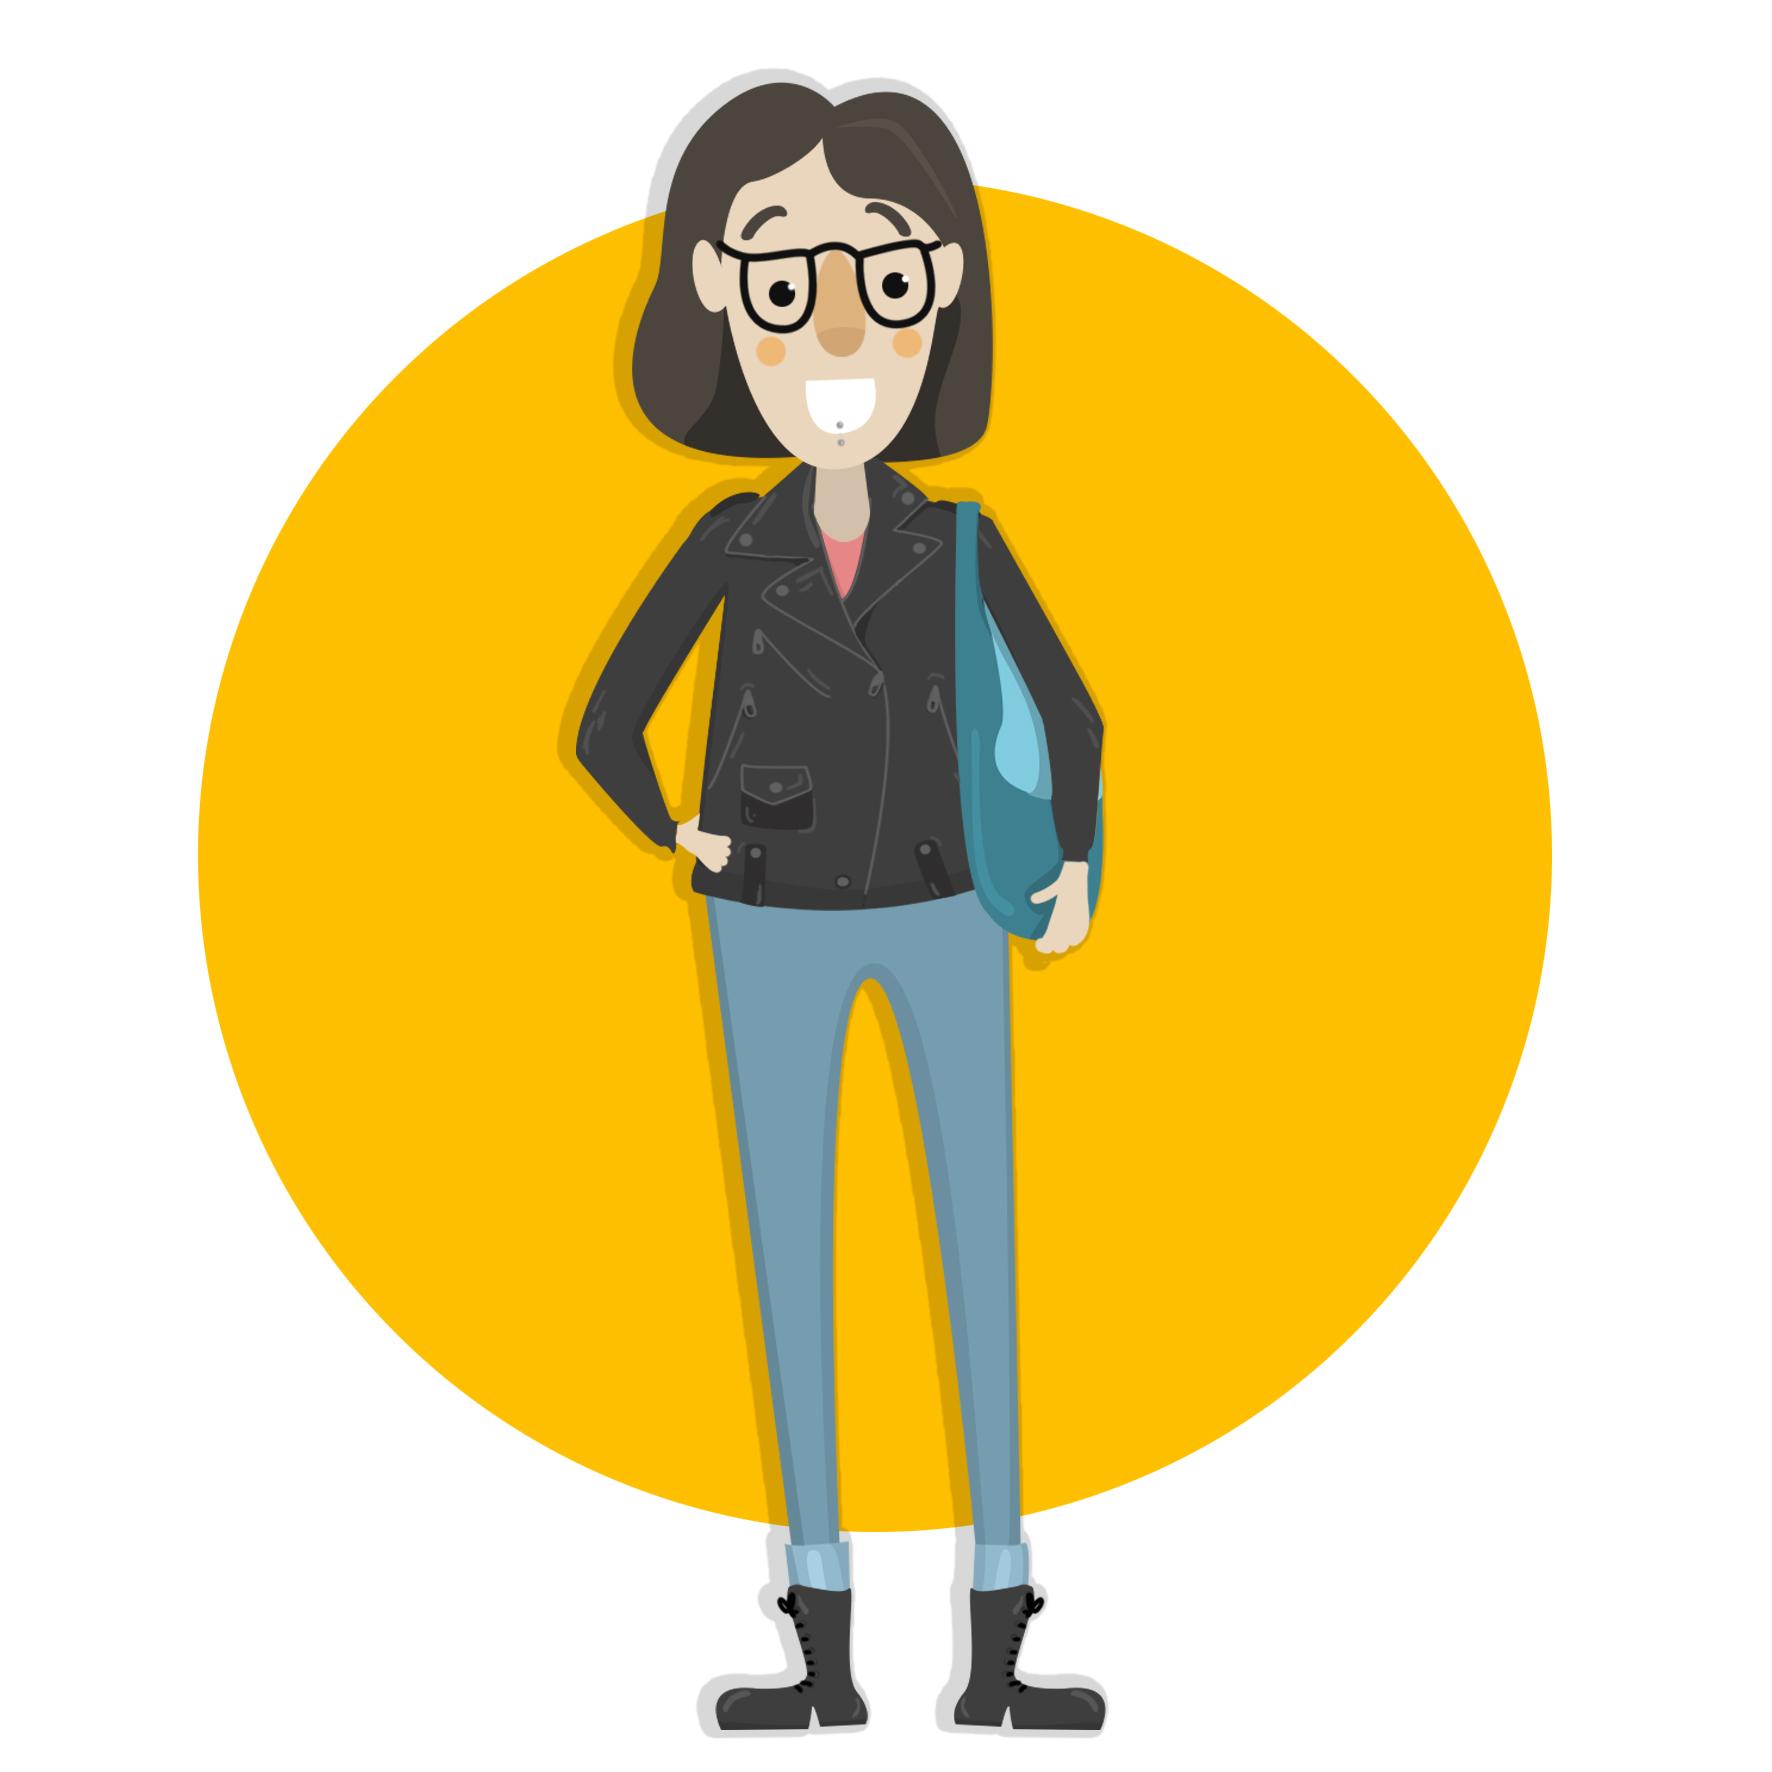 Ilustración de Sheila, tiene el pelo marrón por los hombros, usa lentes y un pircing en el labio.